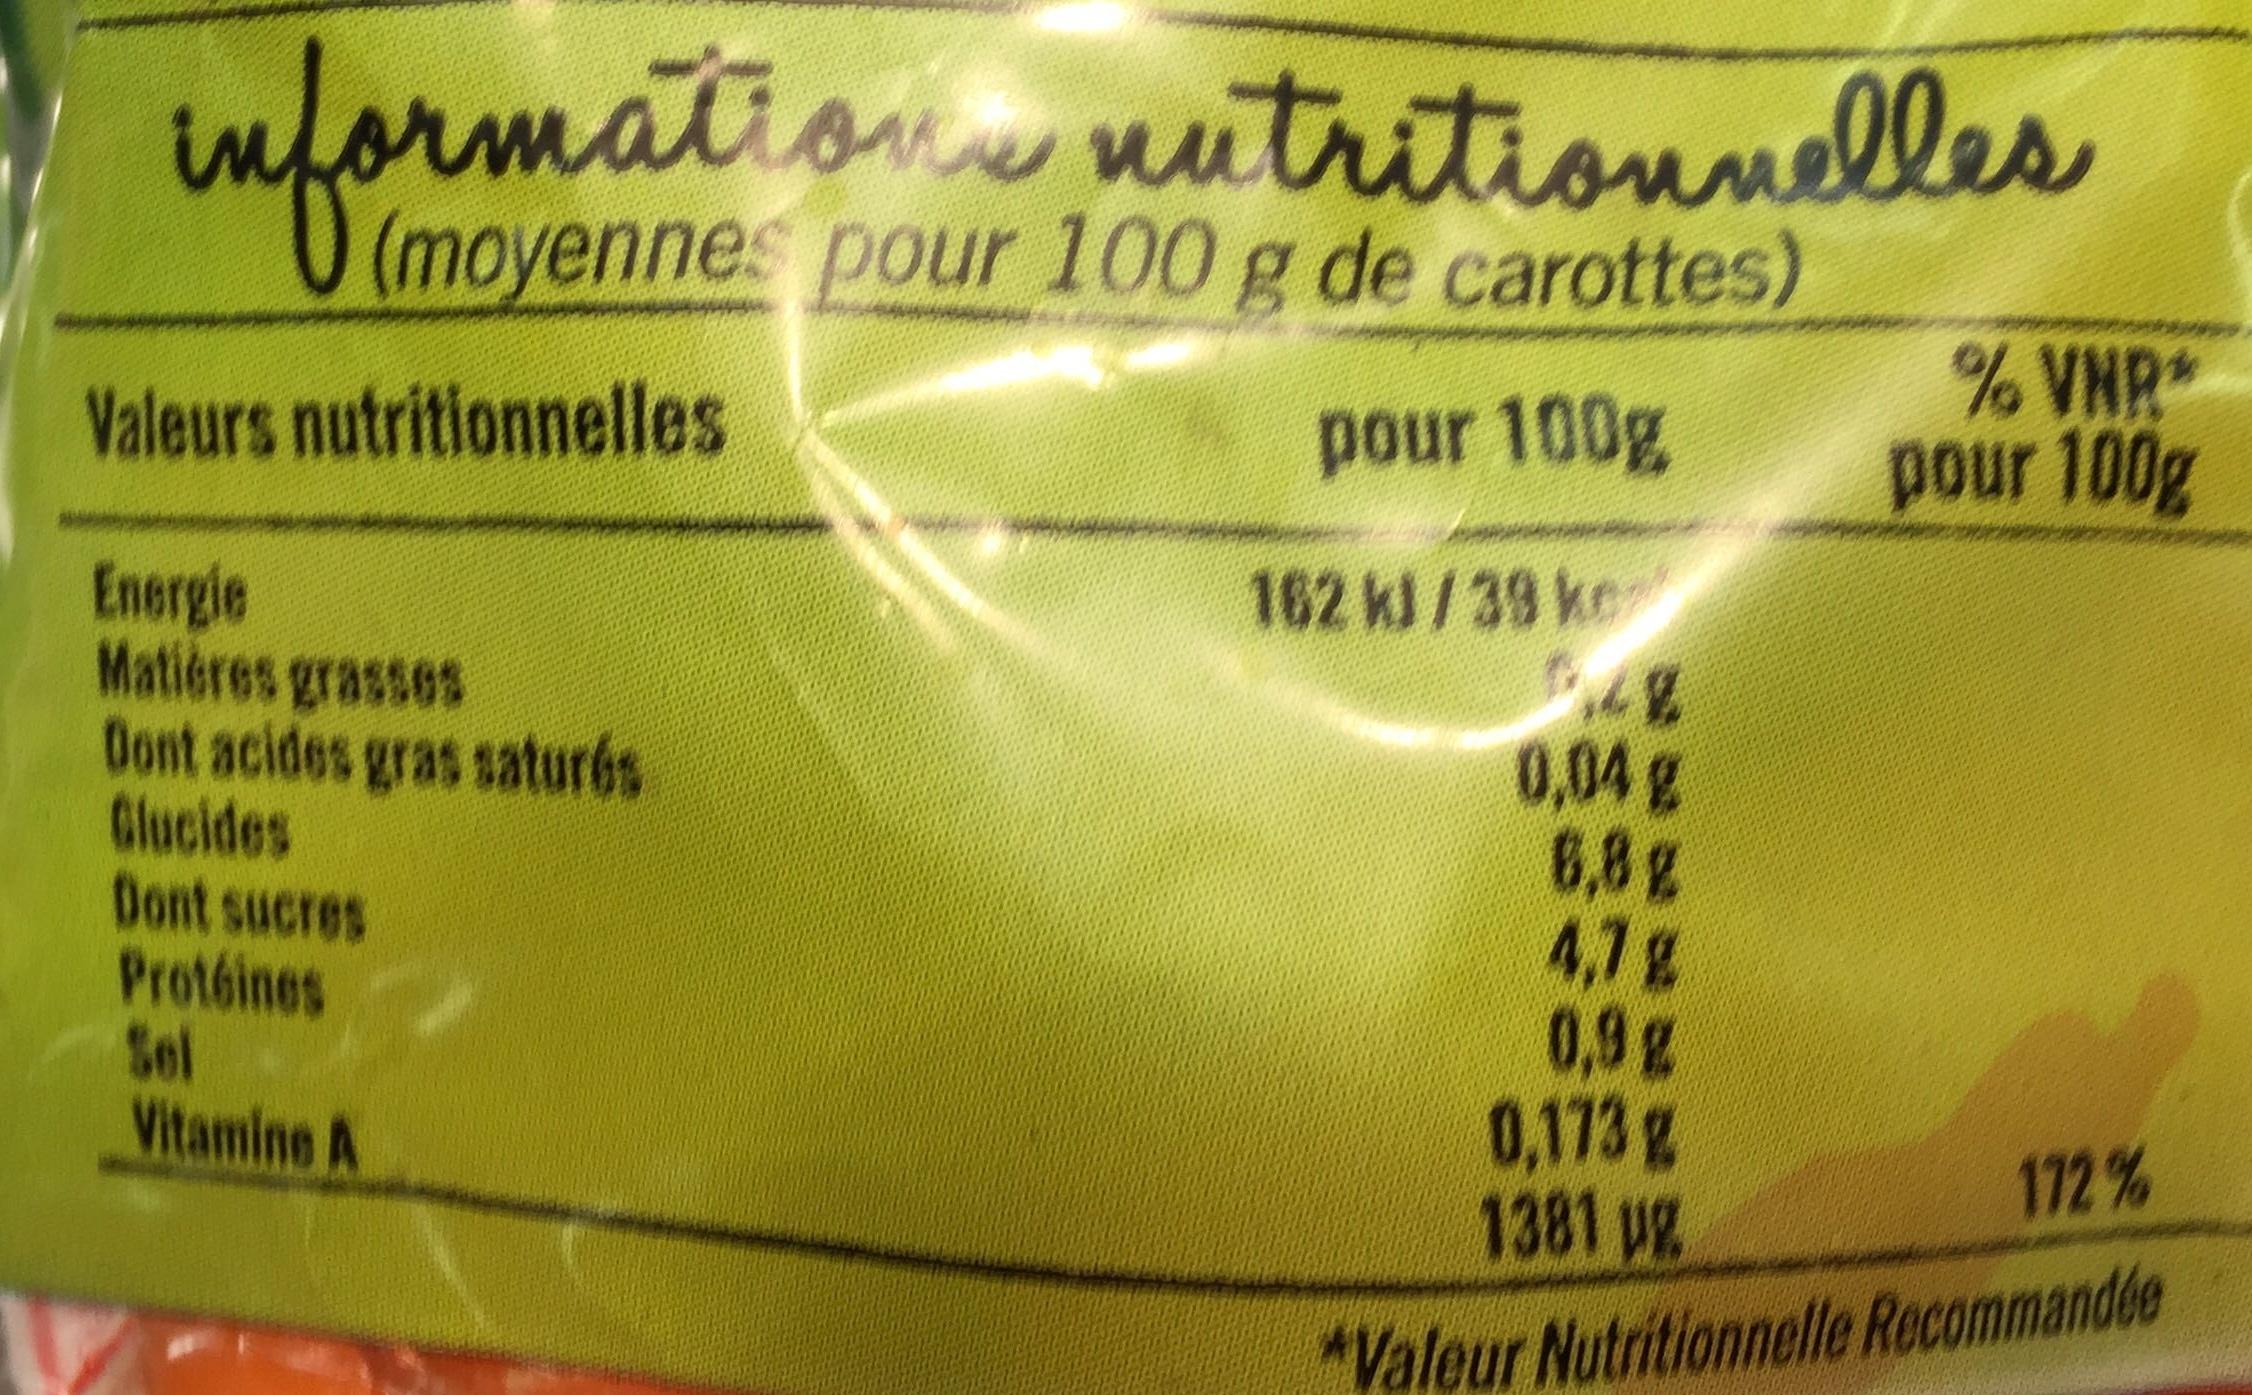 Petites carottes - Informations nutritionnelles